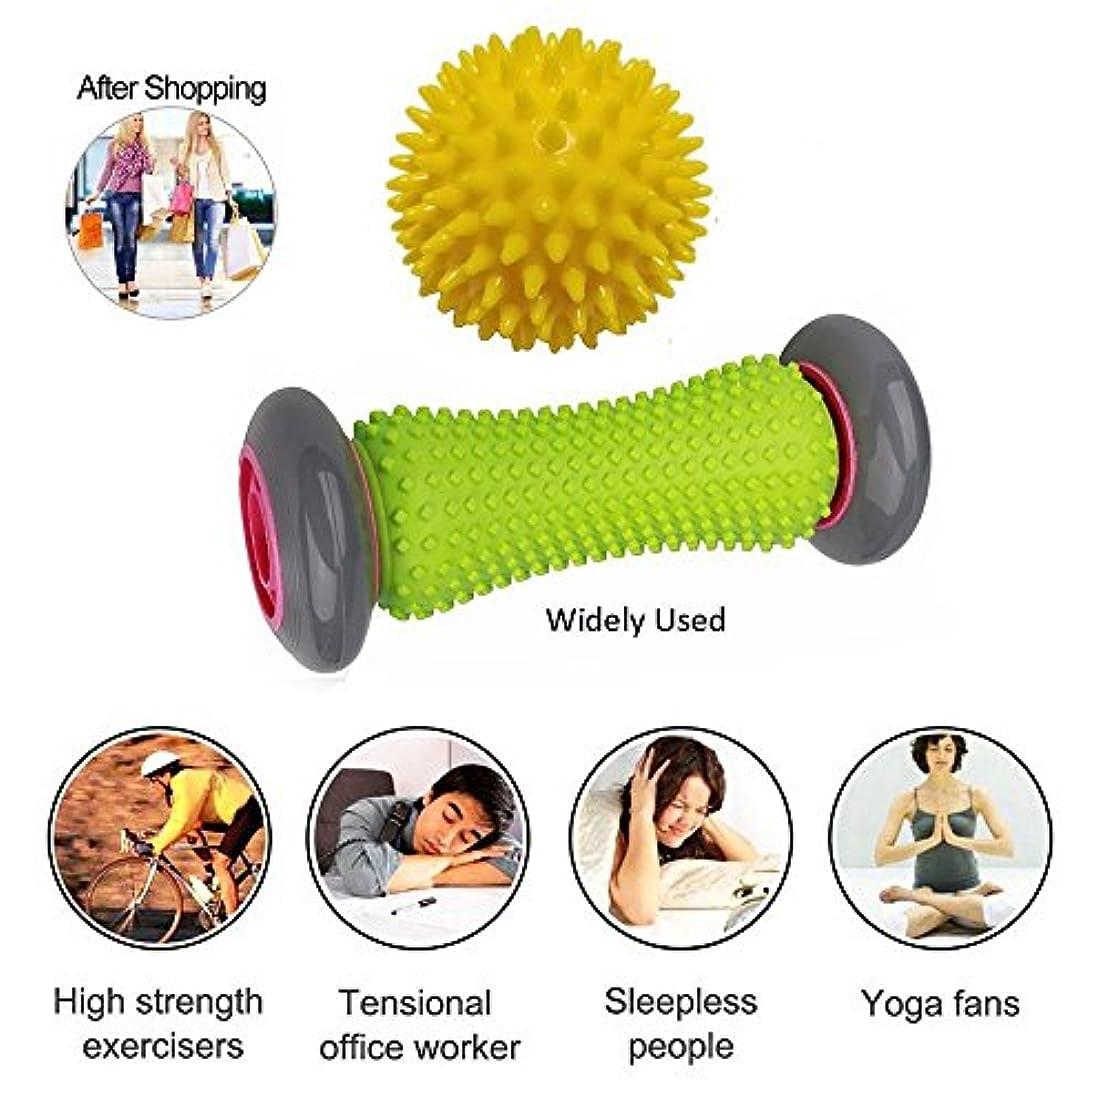 祝福ガラガラ以上フットマッサージローラー - アメージングモール - 理想的な足の痛みの救済マッサージ - フットマッサージャーのためのヒールスパー - 効果的なローラーの足のローラーマッサージ - 推奨フットマッサージャーランナー -...